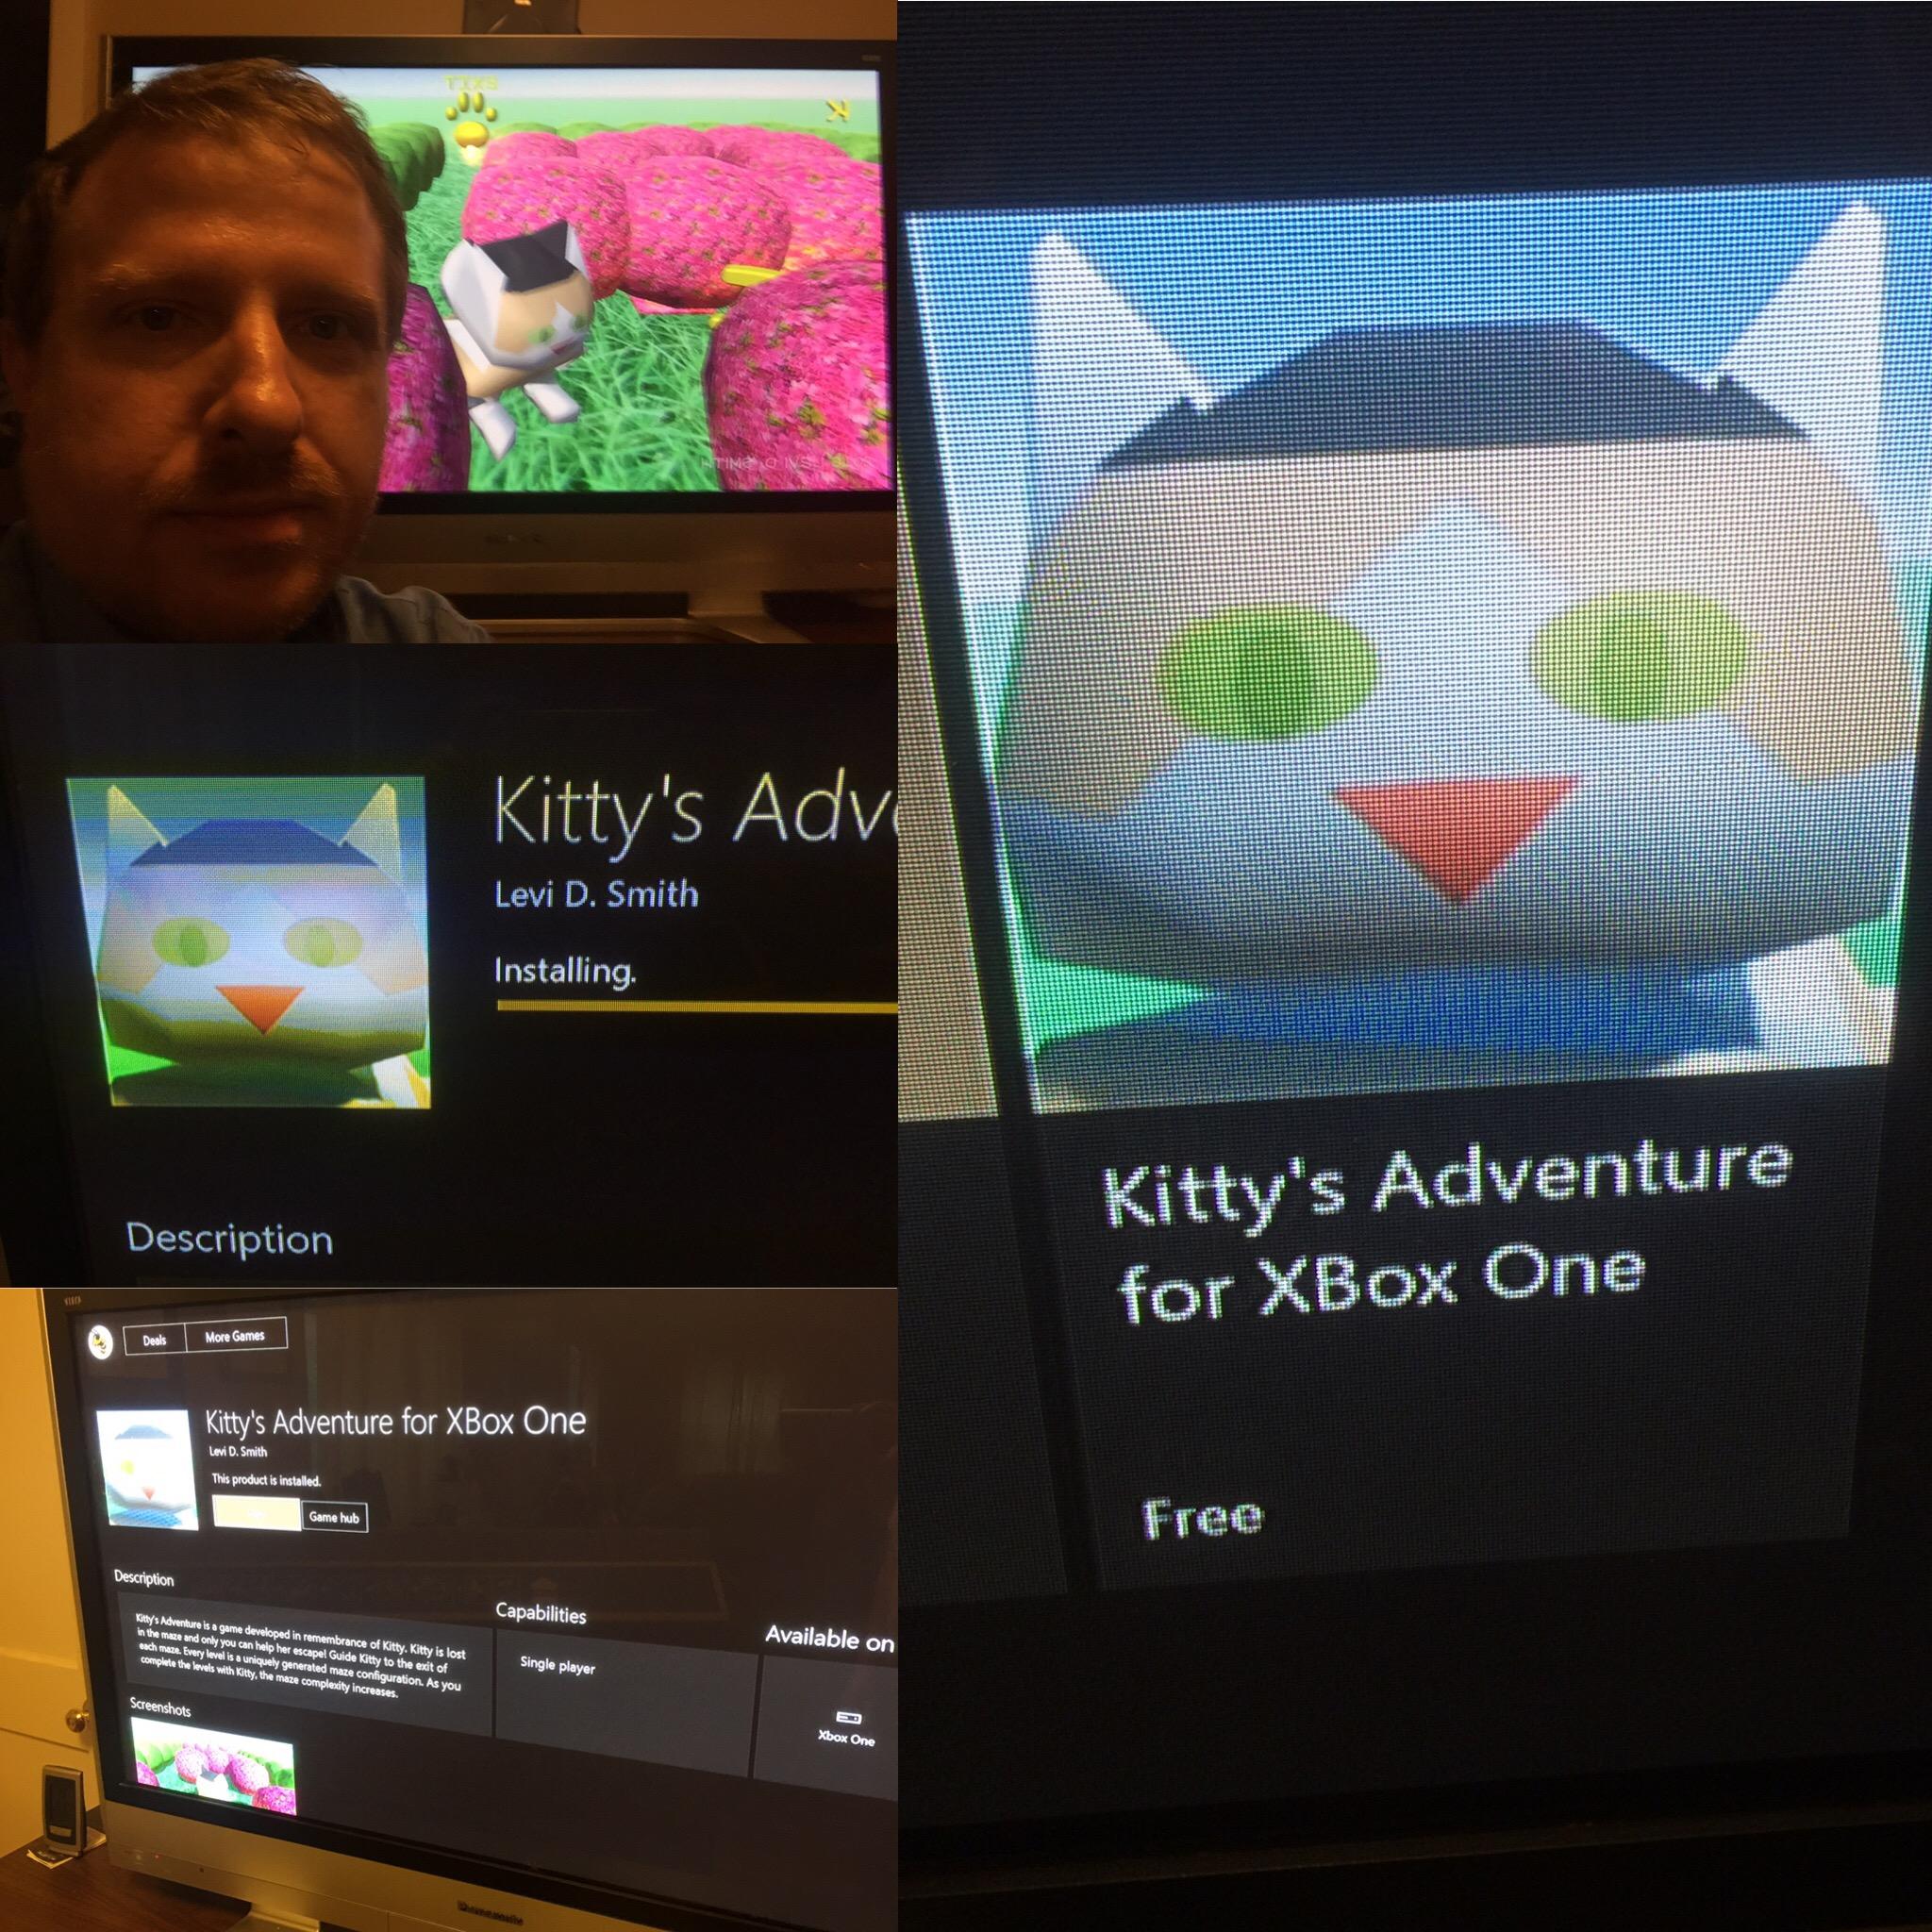 kittysadventure xboxone2